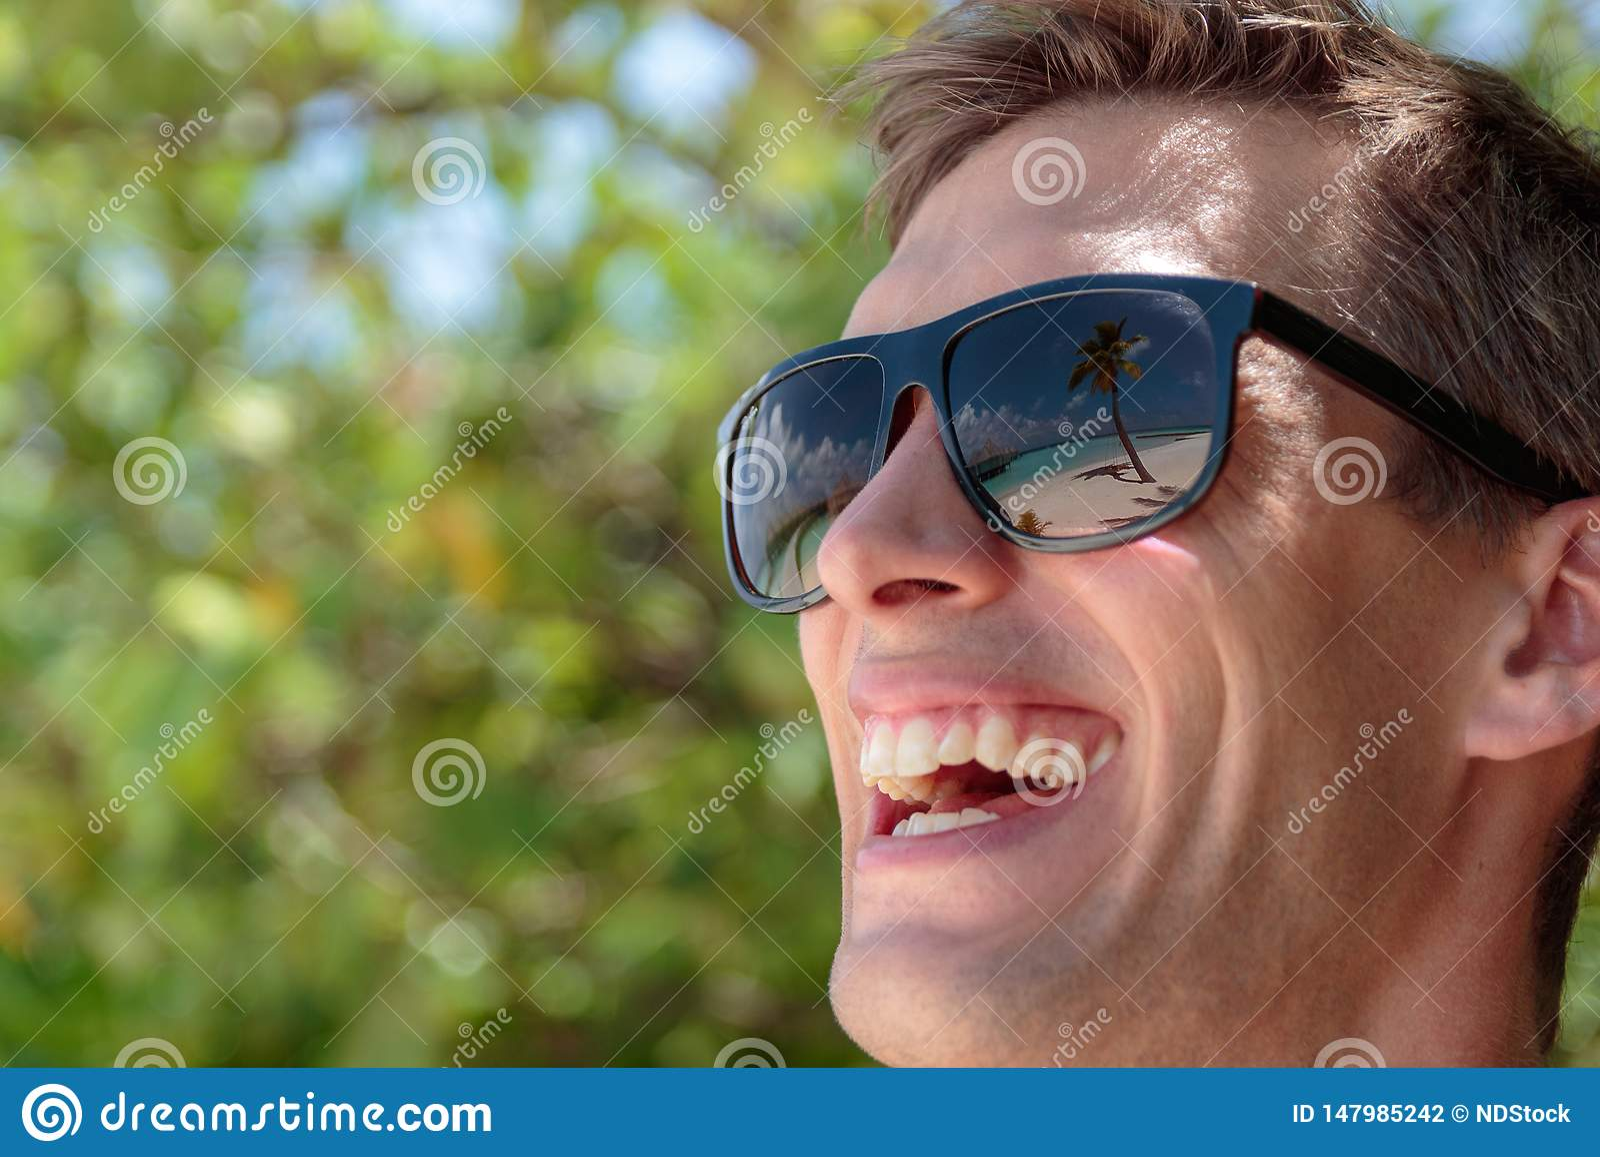 Palma, spiaggia bianca ed acqua blu cristallina riflesse negli occhiali da sole di un uomo felice maldives